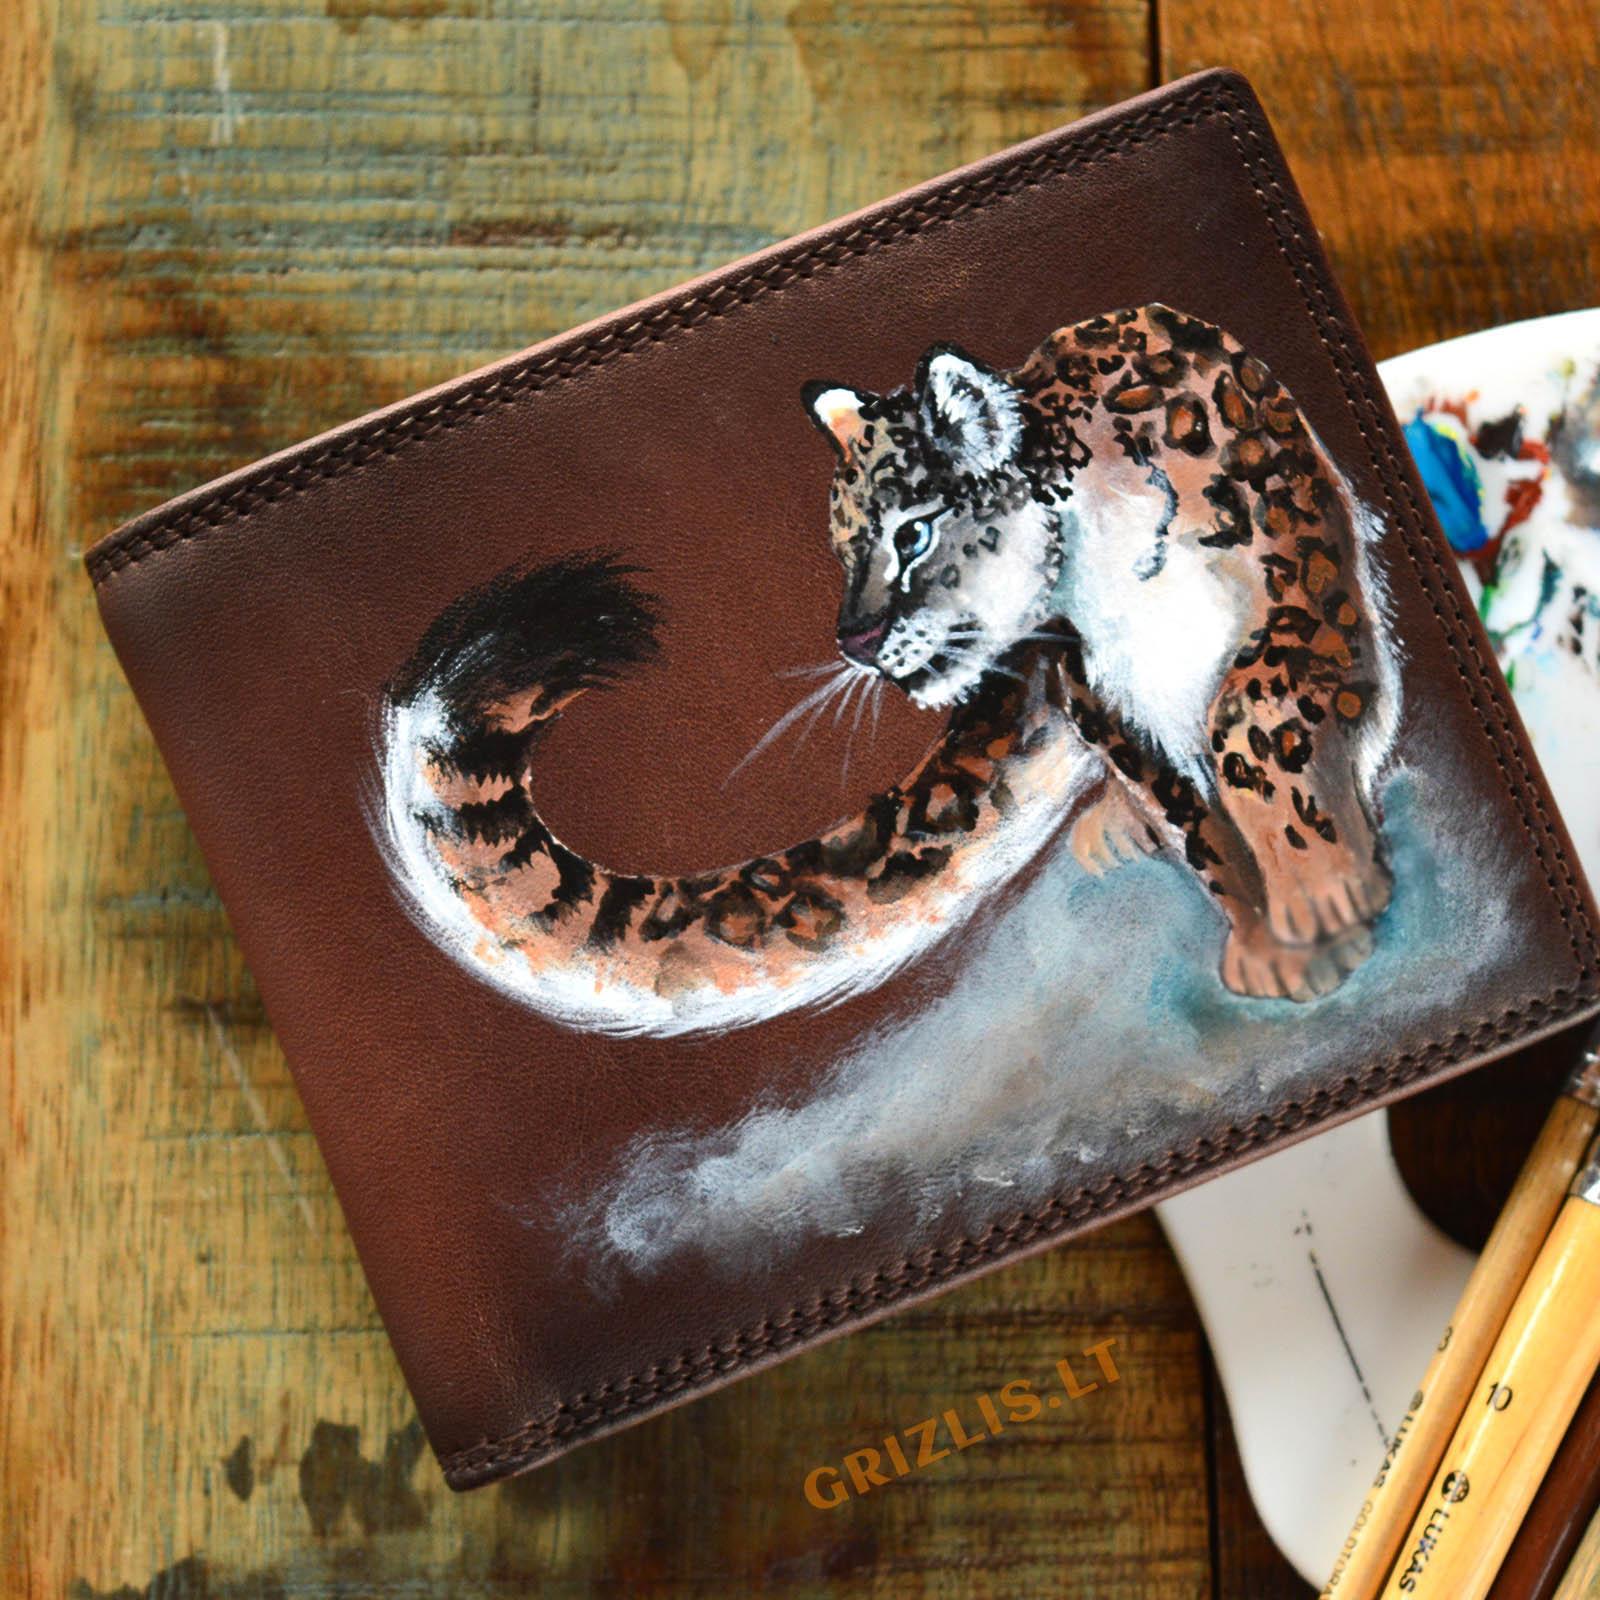 vyriska sendinta ruda odine pinigine su piesiniu iliustracija puma gepardu tigru leopardu lusimi liutas meniskos dailinink is naturalios odos gimtadienio dovanos vyrams teciui sunui vaikinui isskirtines ranku darbo vienetines orginalios unikalios 71r2